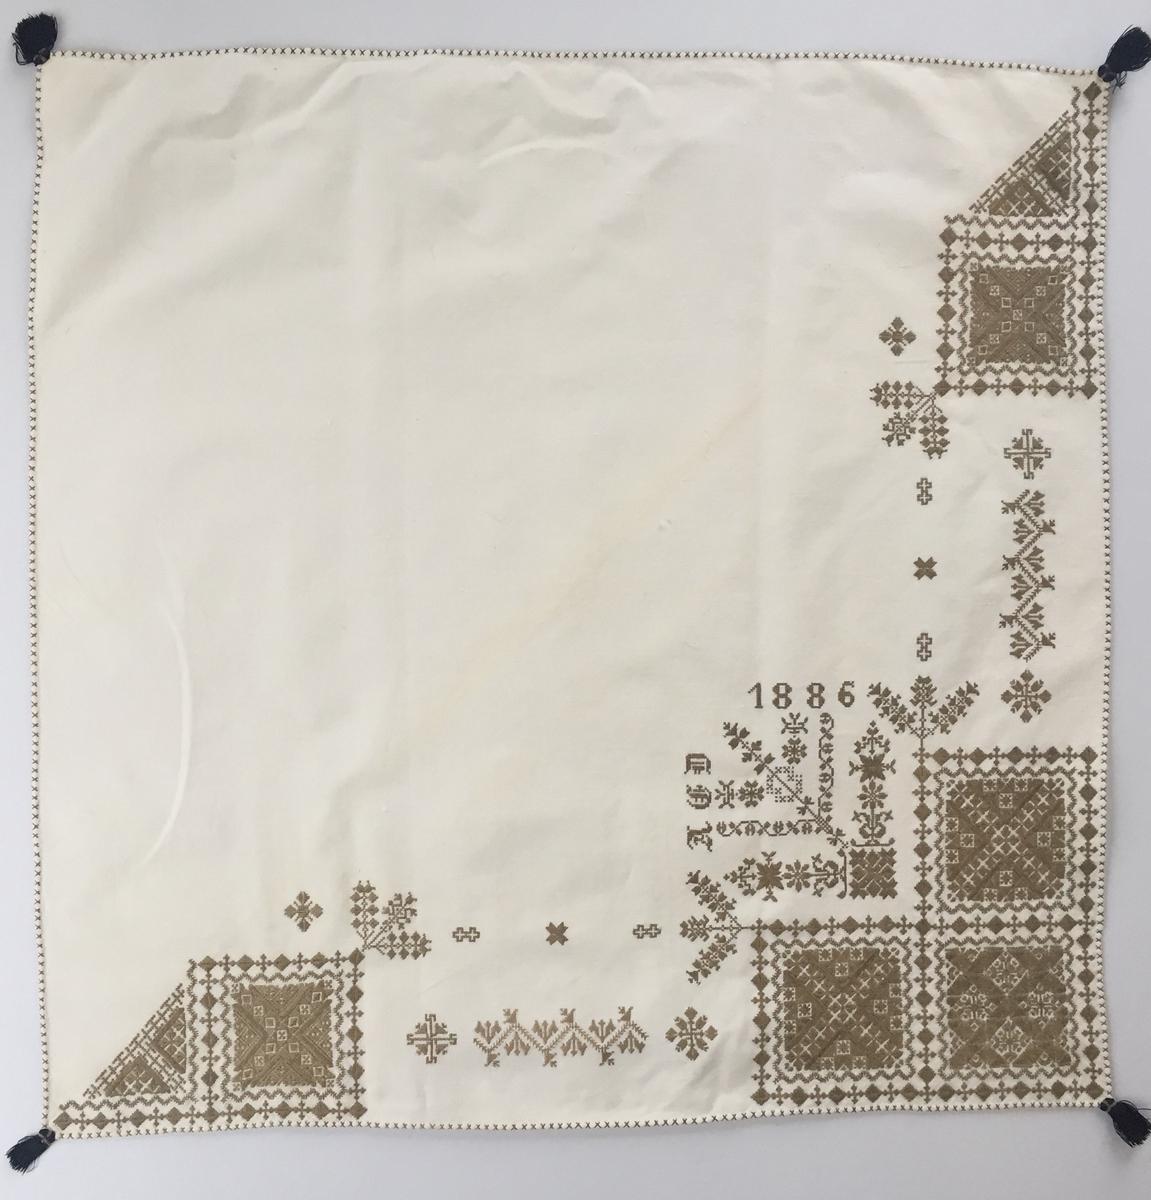 Blomsterinspirerat mönster  i kvadrater i hörnen .En bård med blomsterliknande mönster mellan  kvadraterna på ryggsnibb och framsnibbar.  På ryggsnibben tre kvadrater och en rikt dekorerad majstångsspira samt märkning med årtal och initialer. På varje framsnibb en kvadrat och en trekant. Tolv ornament.